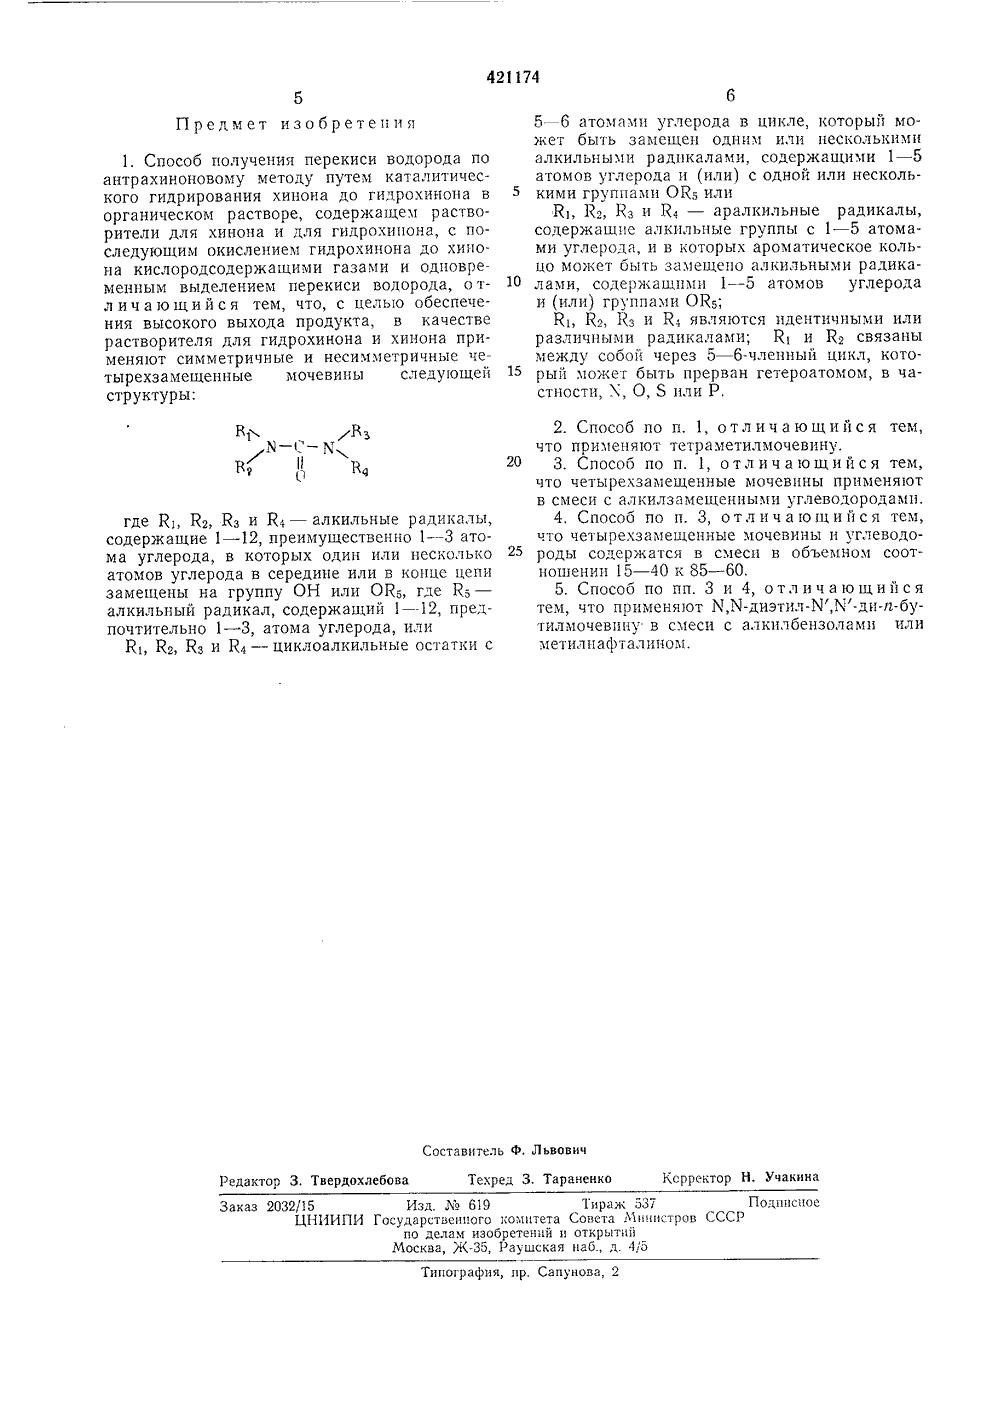 Как сделать водород из перекиси водорода 330